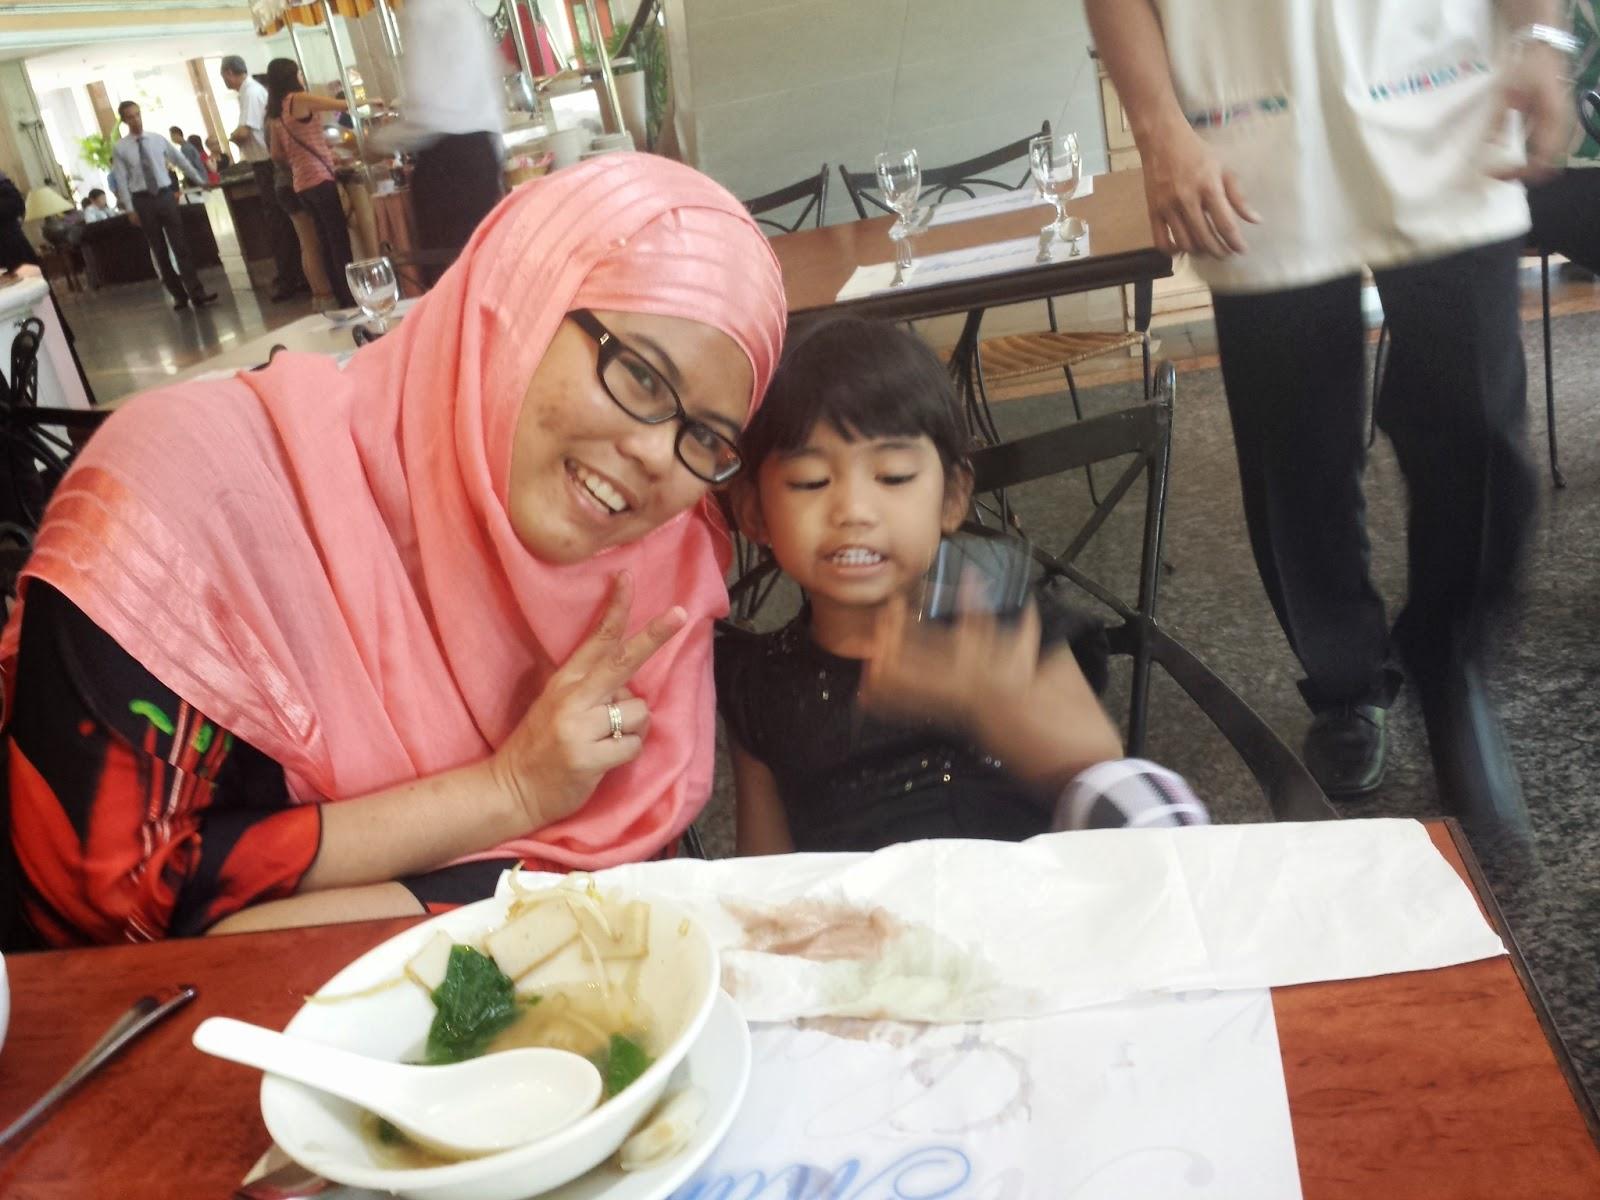 Sarah Qaisara Ikut Hubby Kursus Di Mahkota Hotel Melaka